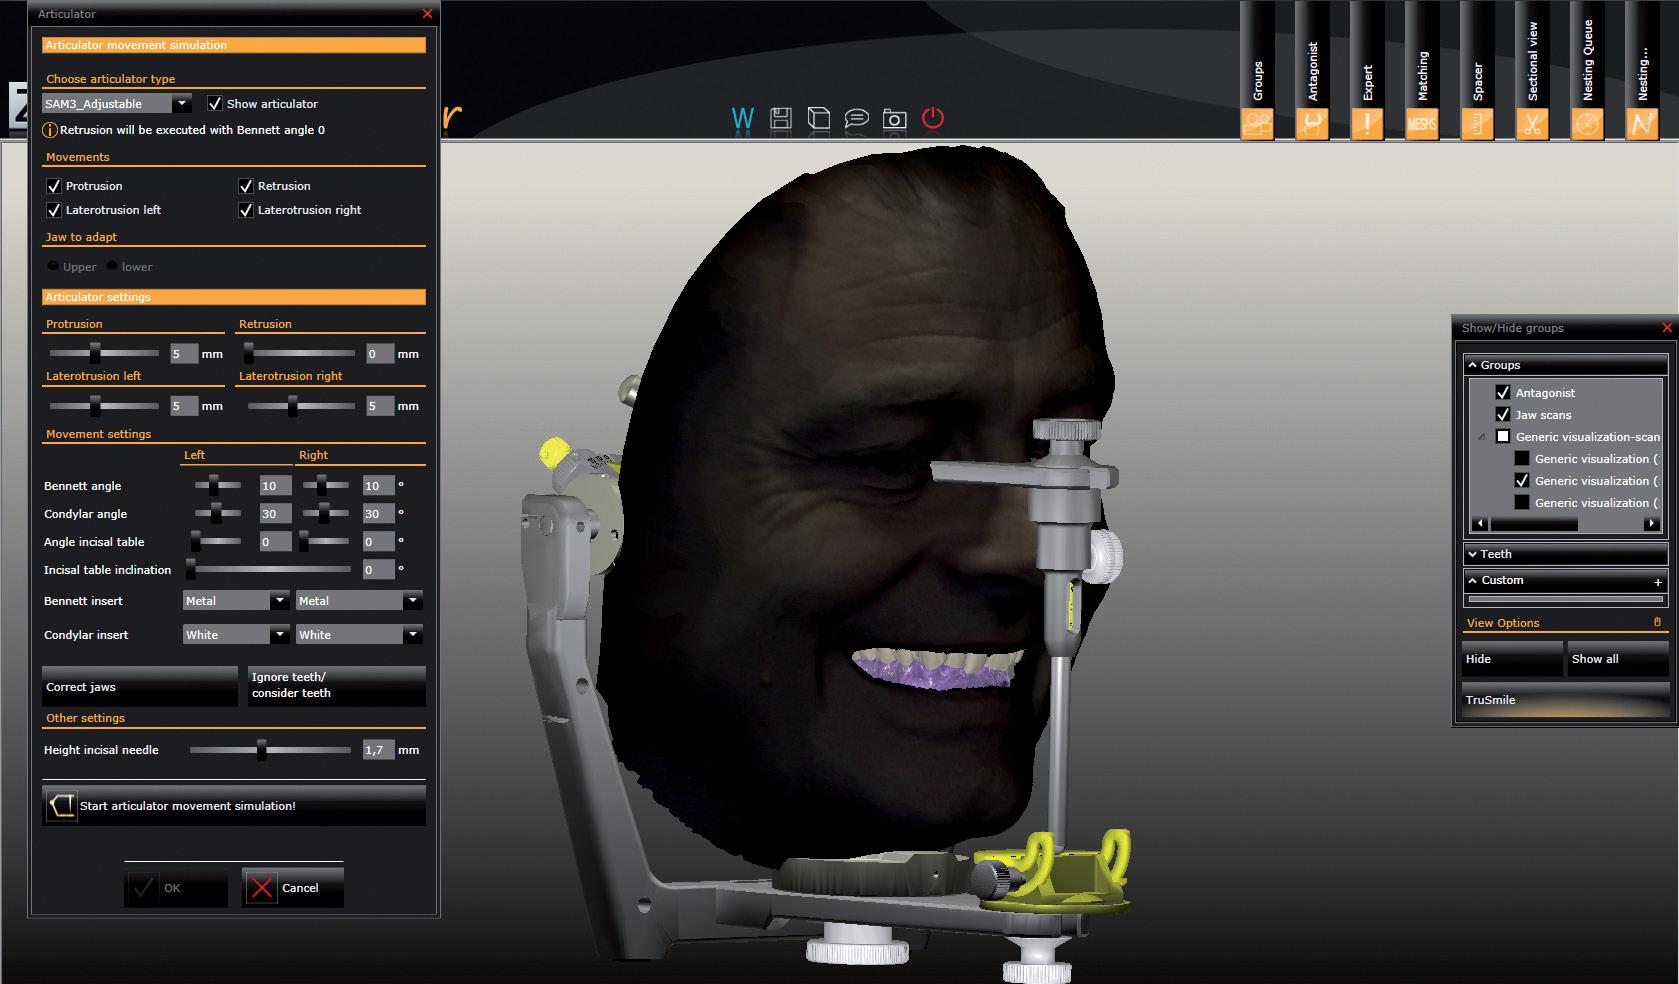 Рис. 1. Совмещение скан-данных с Face Hunter с моделью в виртуальном артикуляторе.